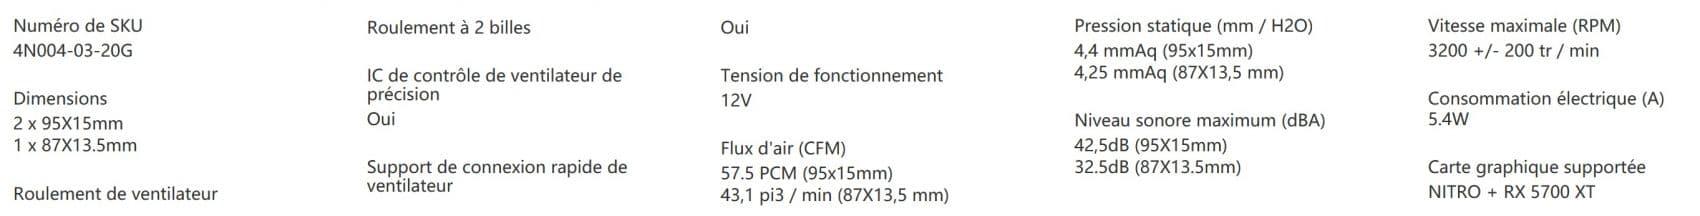 specifications techniques ventilateurs sapphire argb